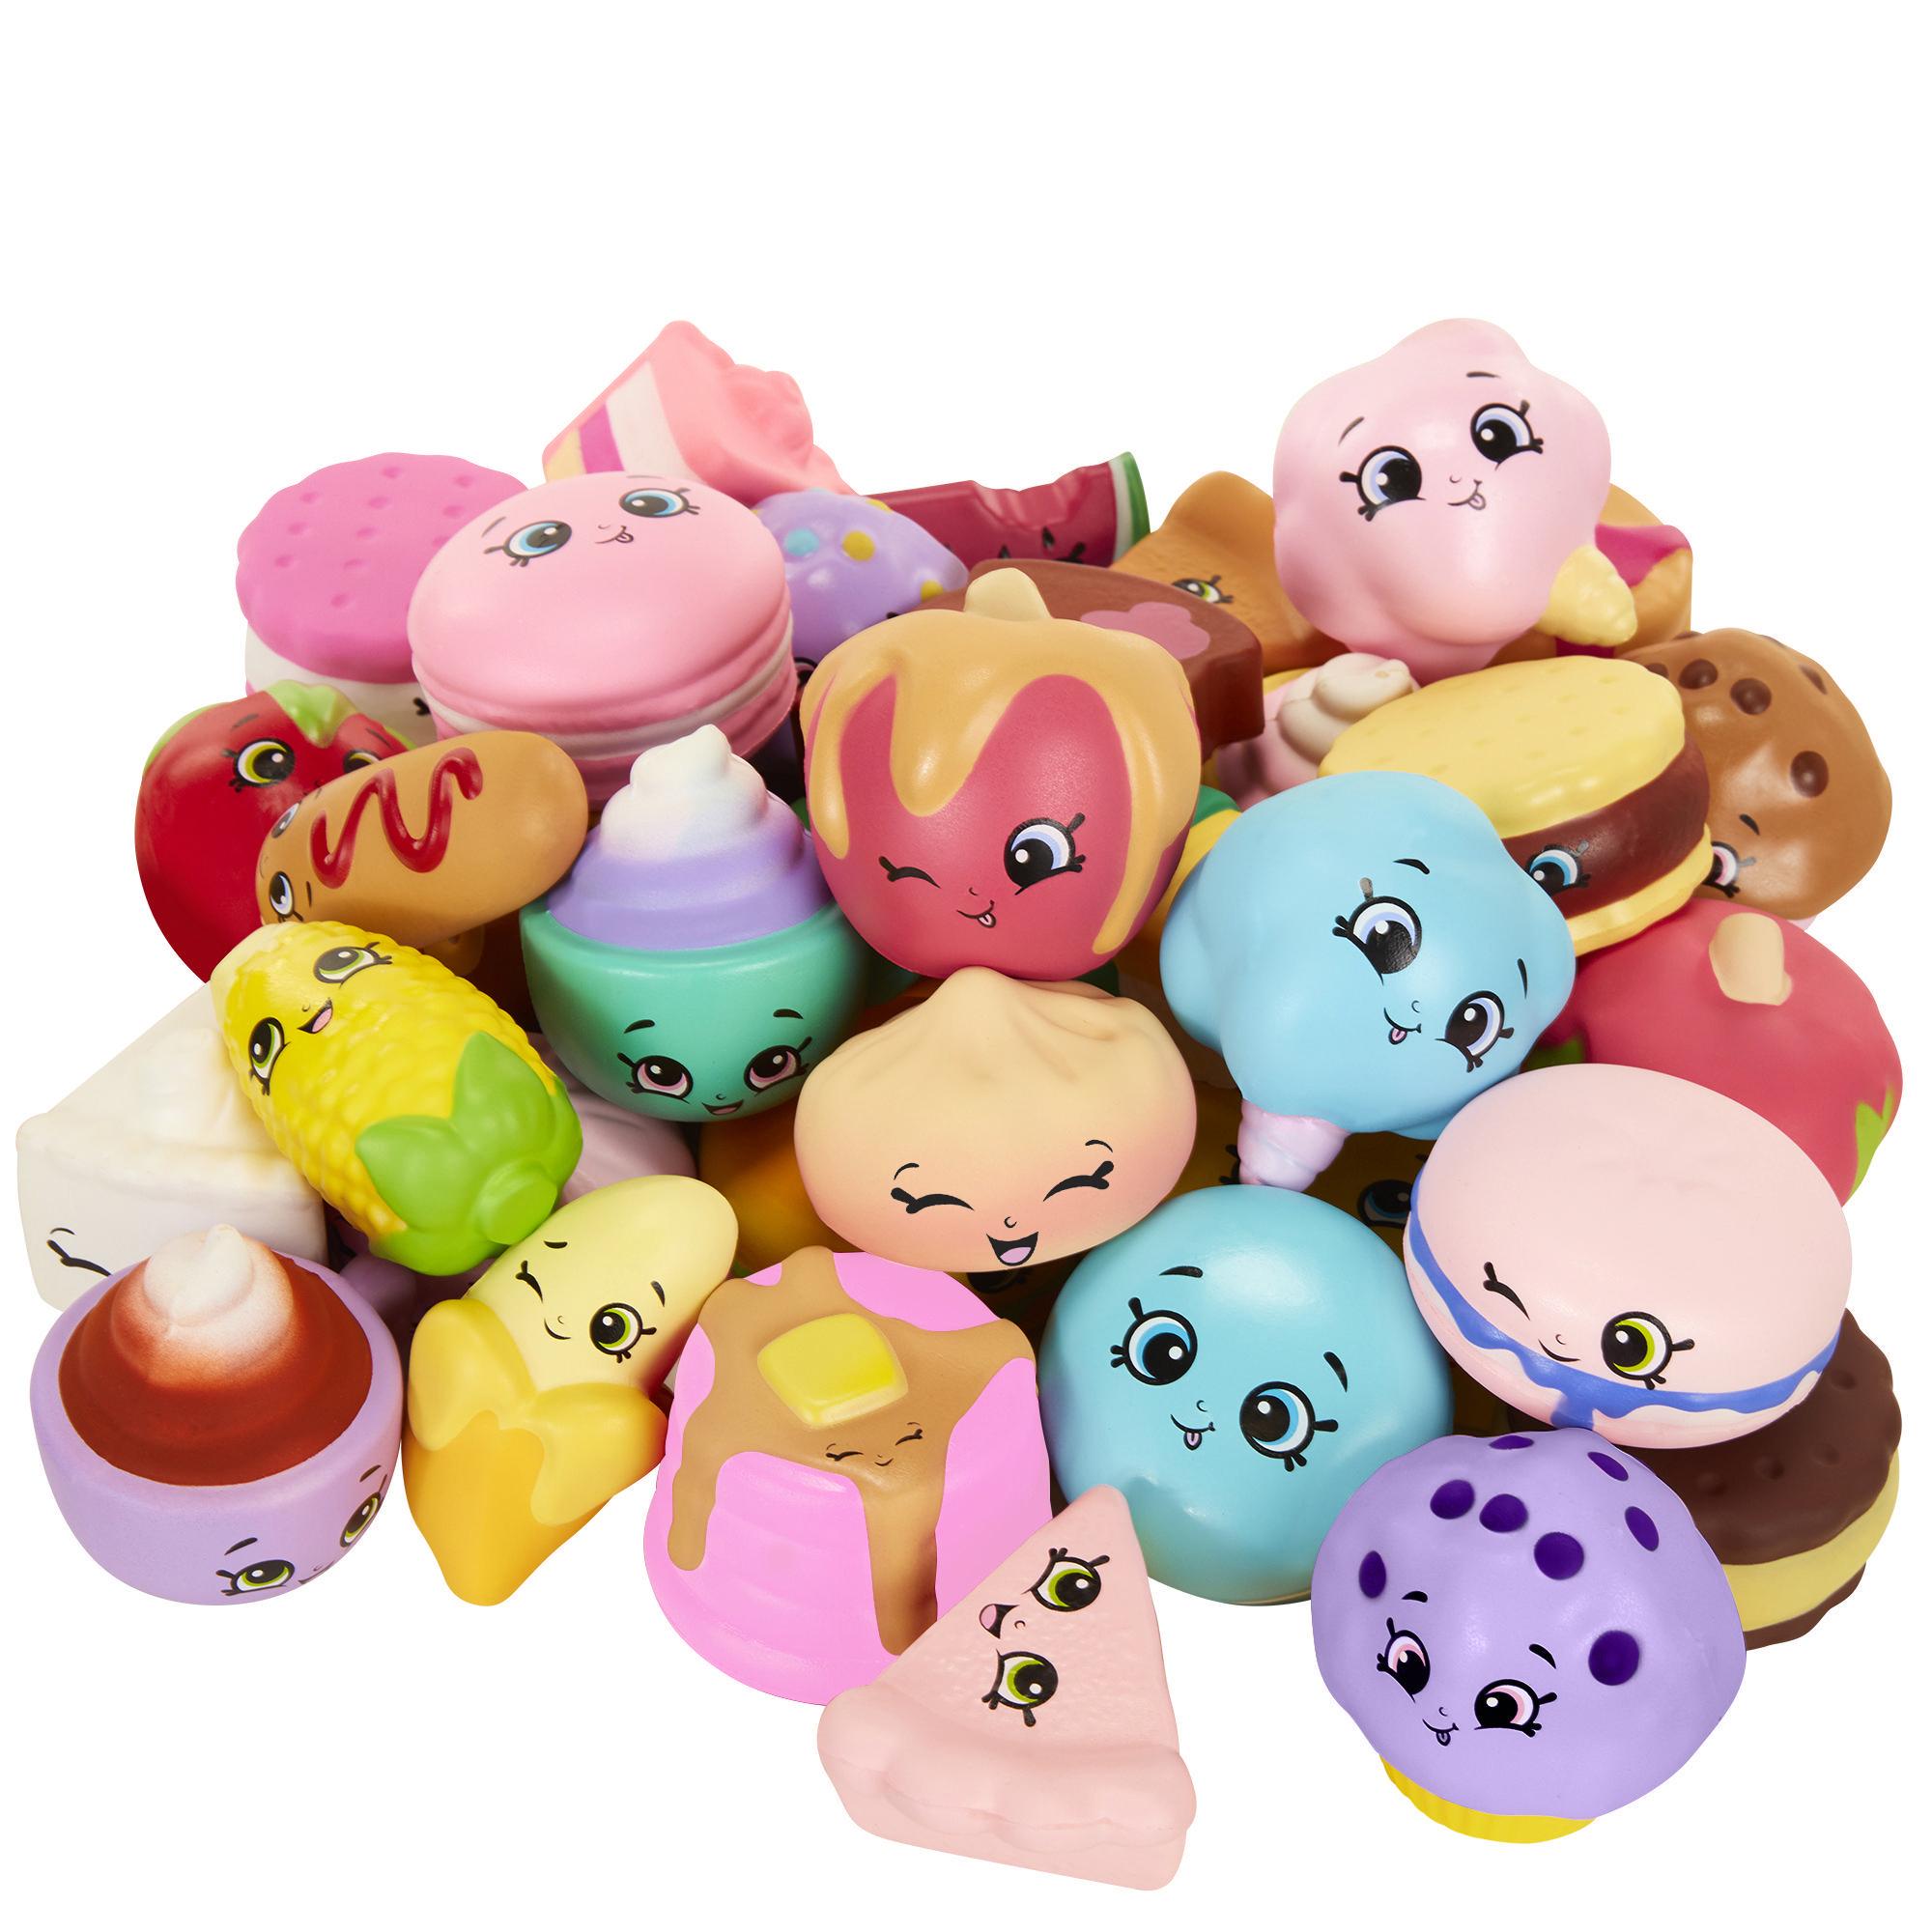 Libatkan Anak untuk Memilih Mainan yang Disukainya - Tips-Tips yang Perlu Diperhatikan dalam Memilih Mainan Anak Perempuan